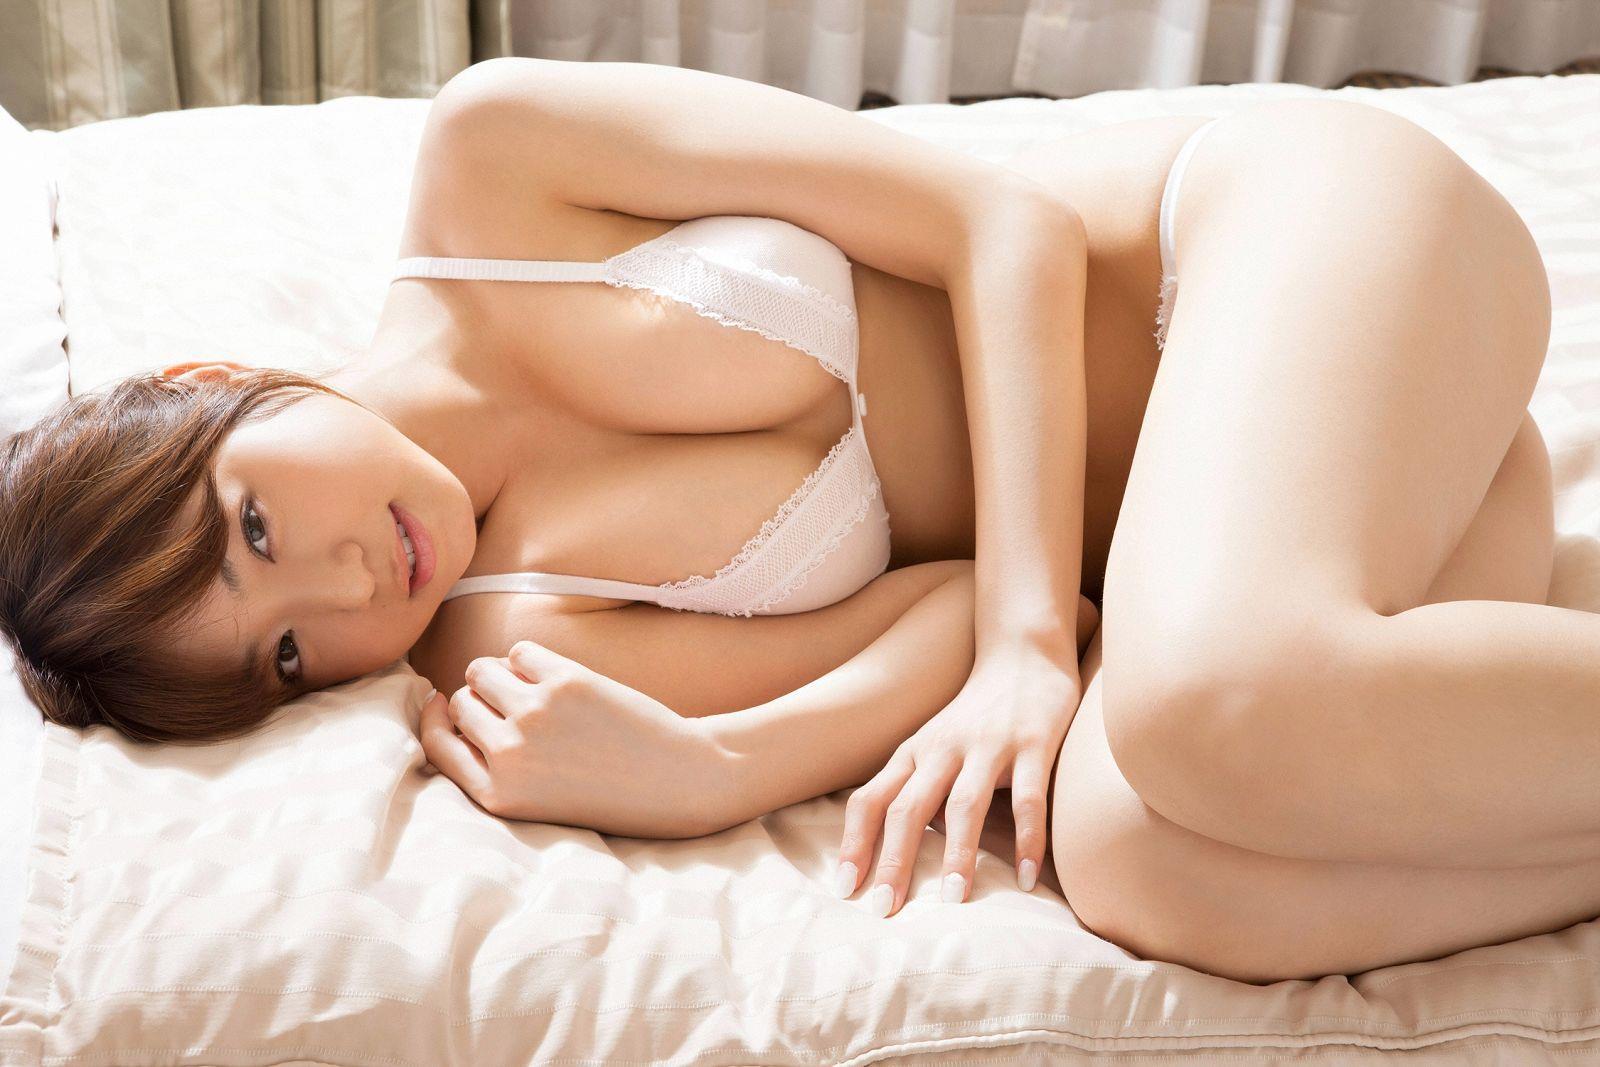 中村静香 エロ画像